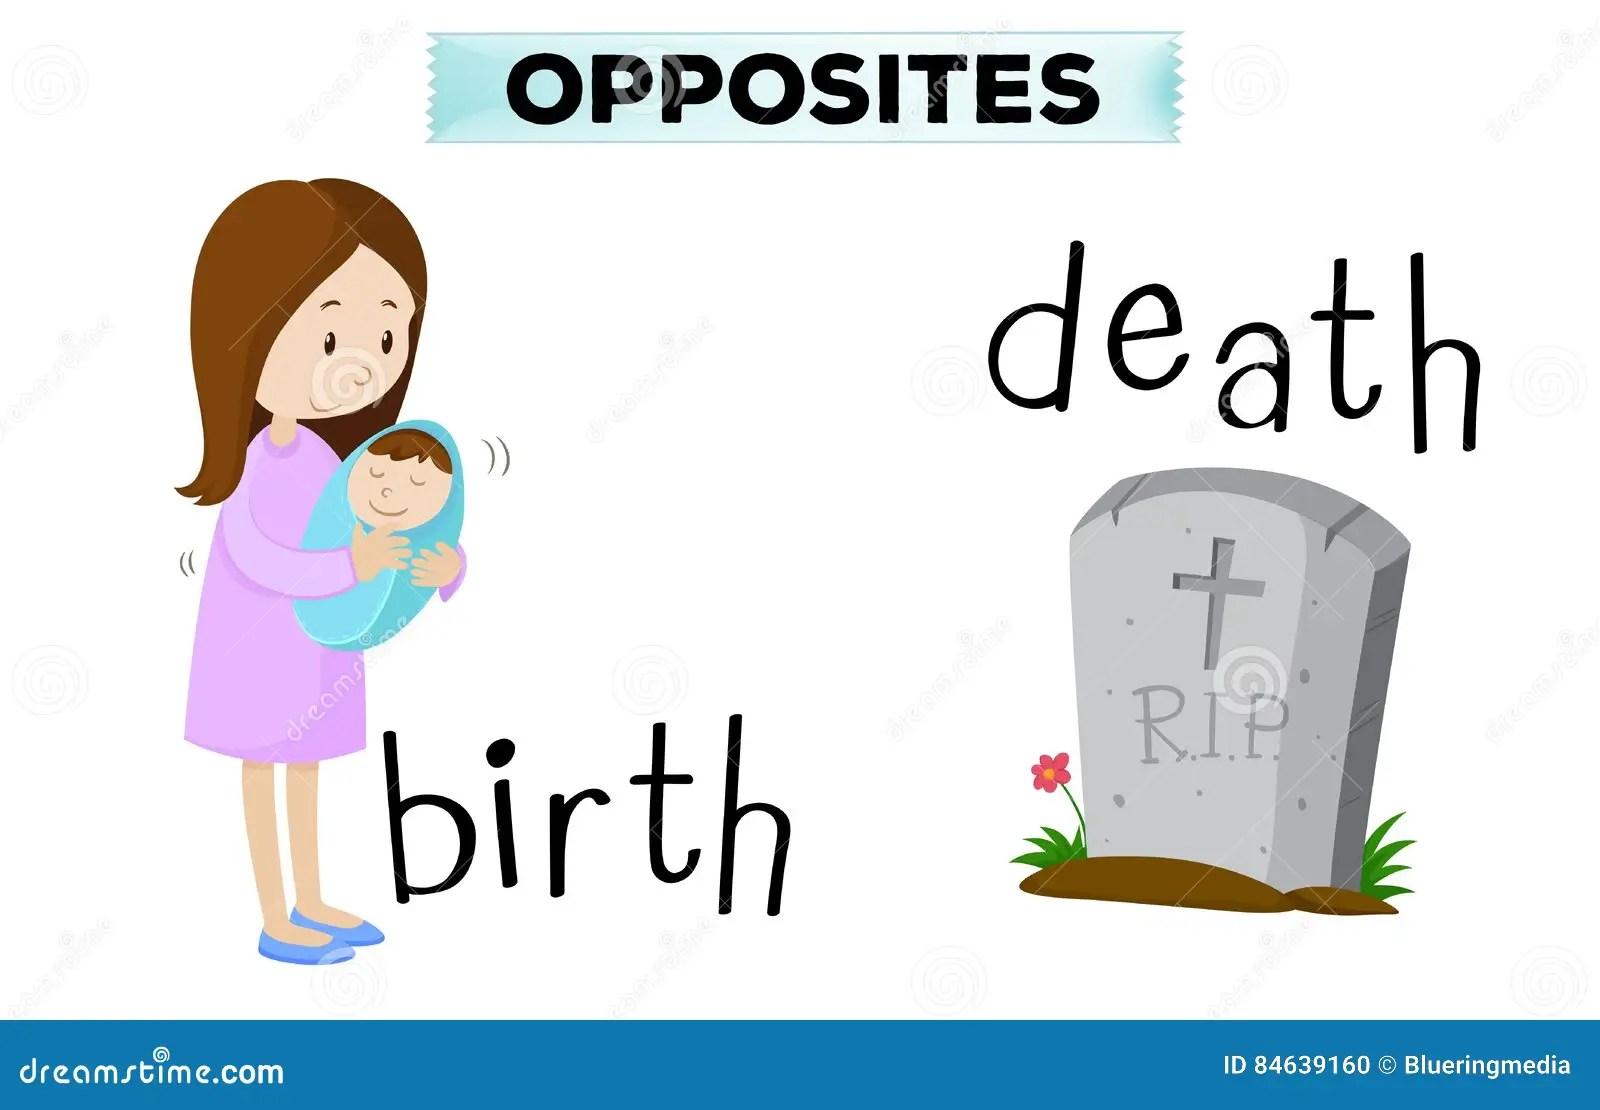 Opposite Flashcard Dla Narodziny I Mierci Ilustracja